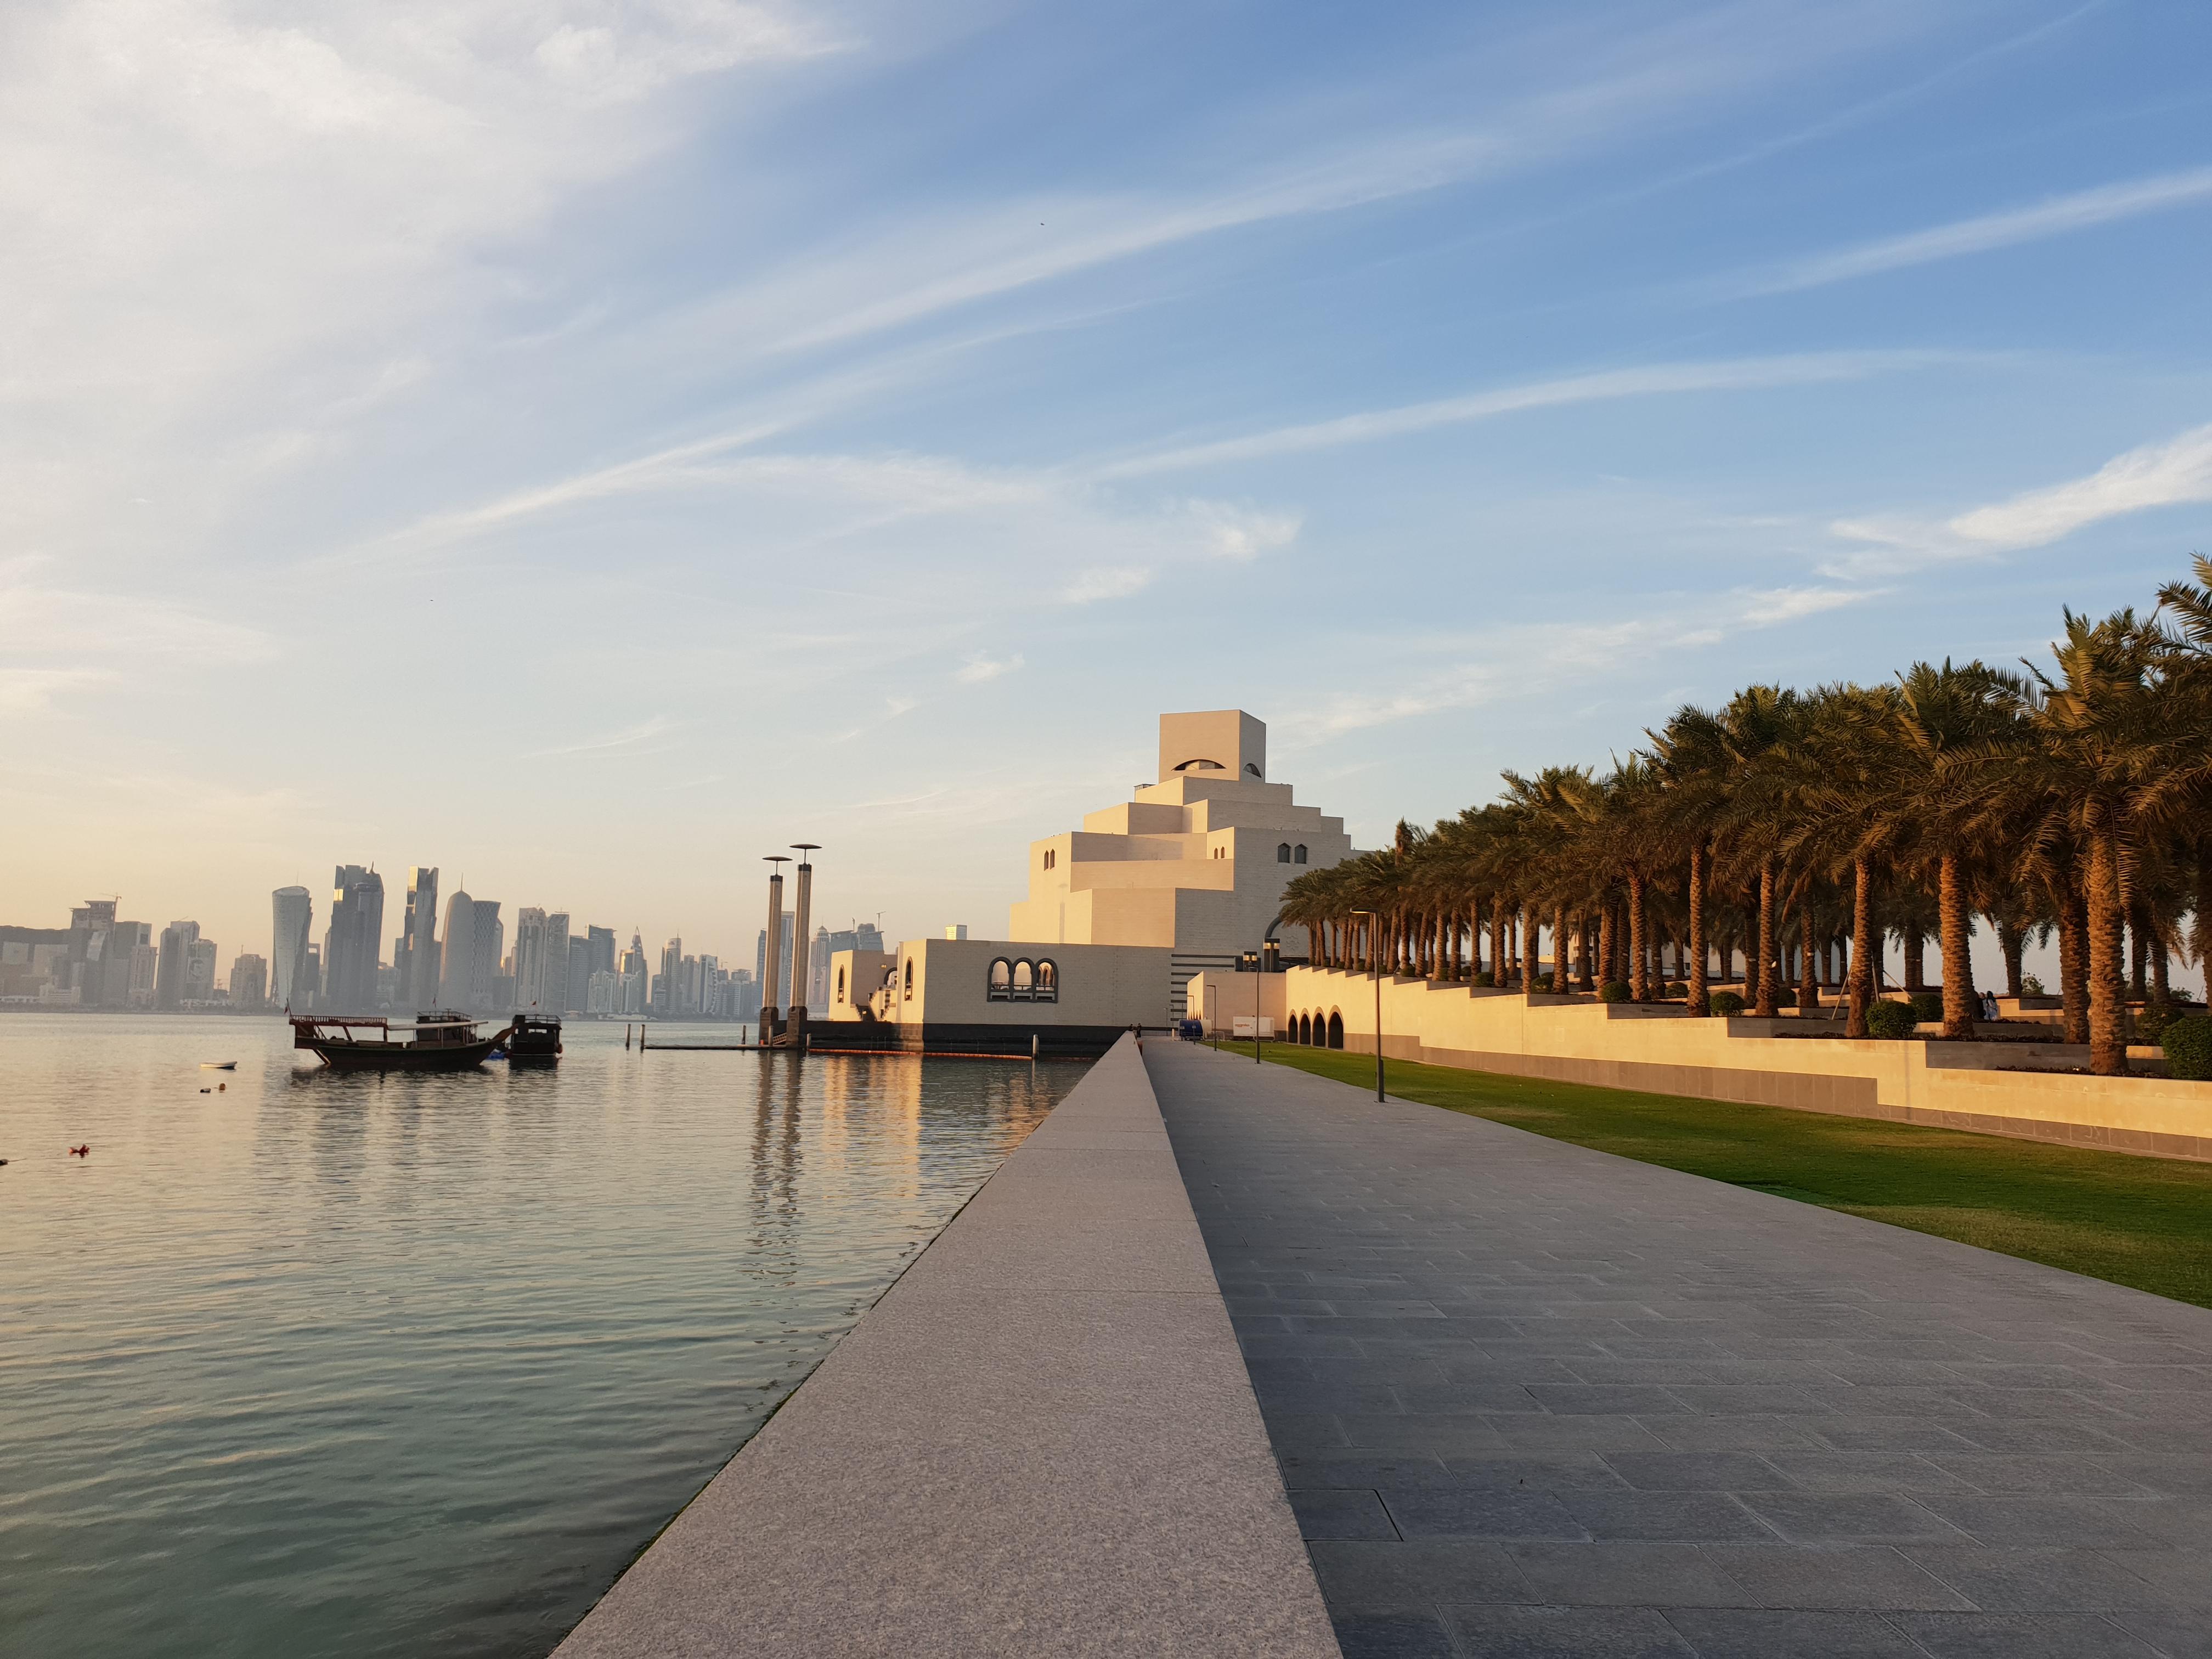 Lavorare In Qatar Architetto vivere a doha, tra architettura e deserto – baliz room